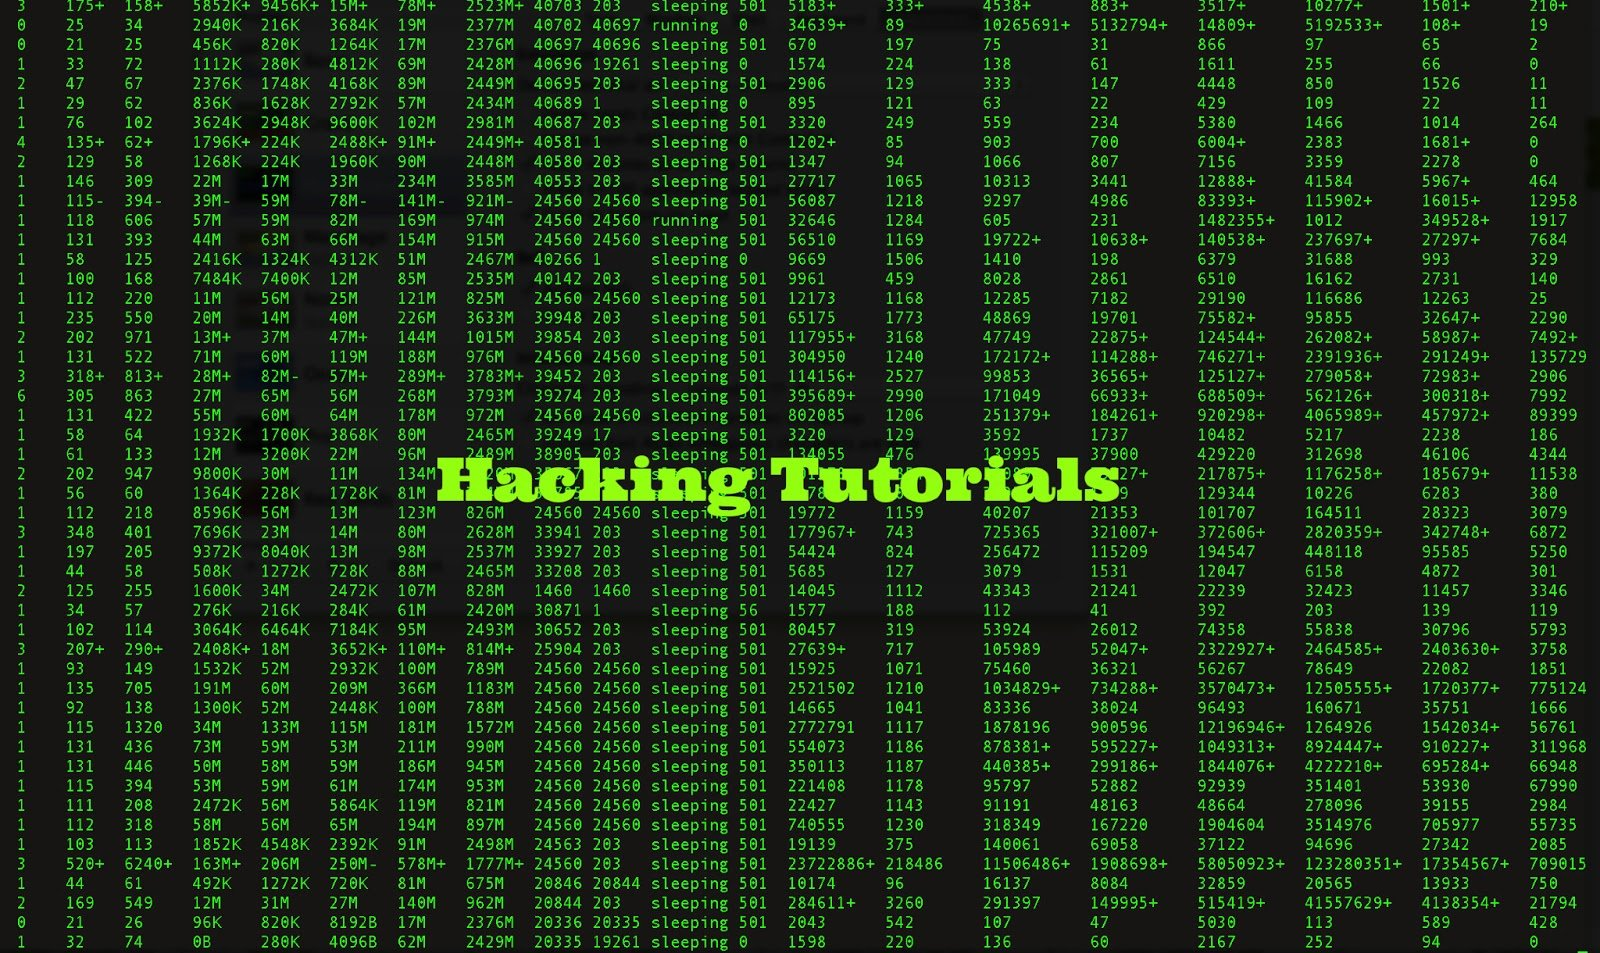 Основы Linux для хакеров, Часть 2 (Создание каталогов и файлов)